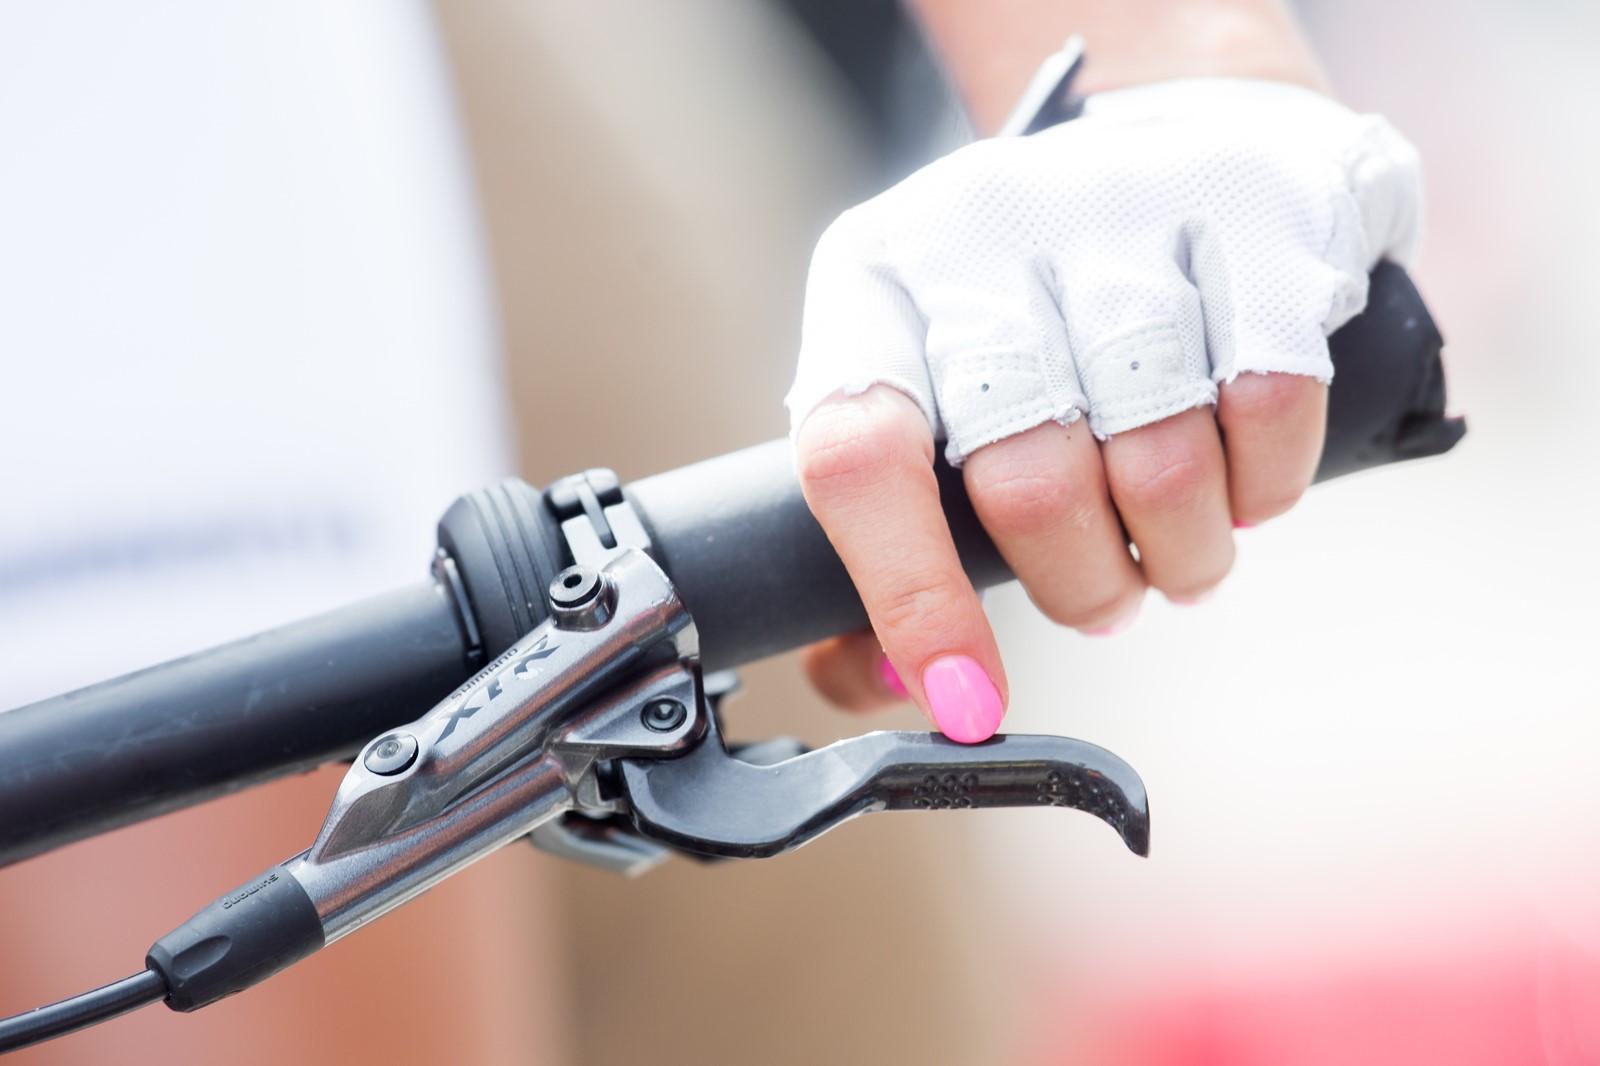 Pokud budete vyrážet mimo hlavní sezonu, krátké rukavice určitě nebudou vhodnou variantou. Foto: Michal Červený